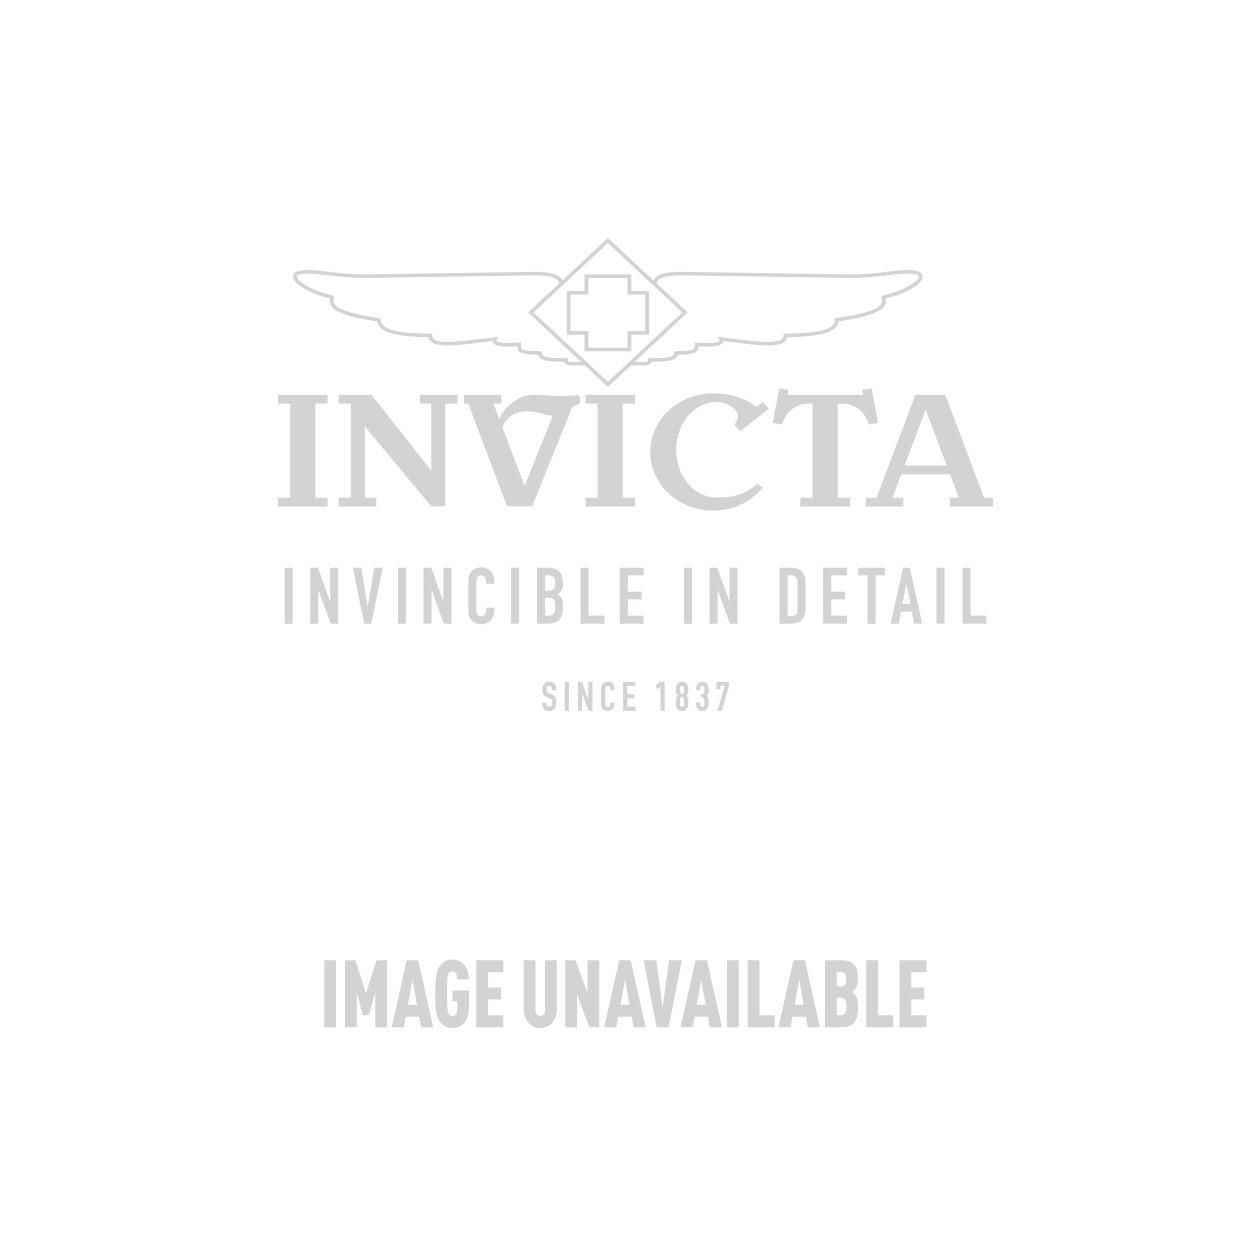 Invicta Model 25498